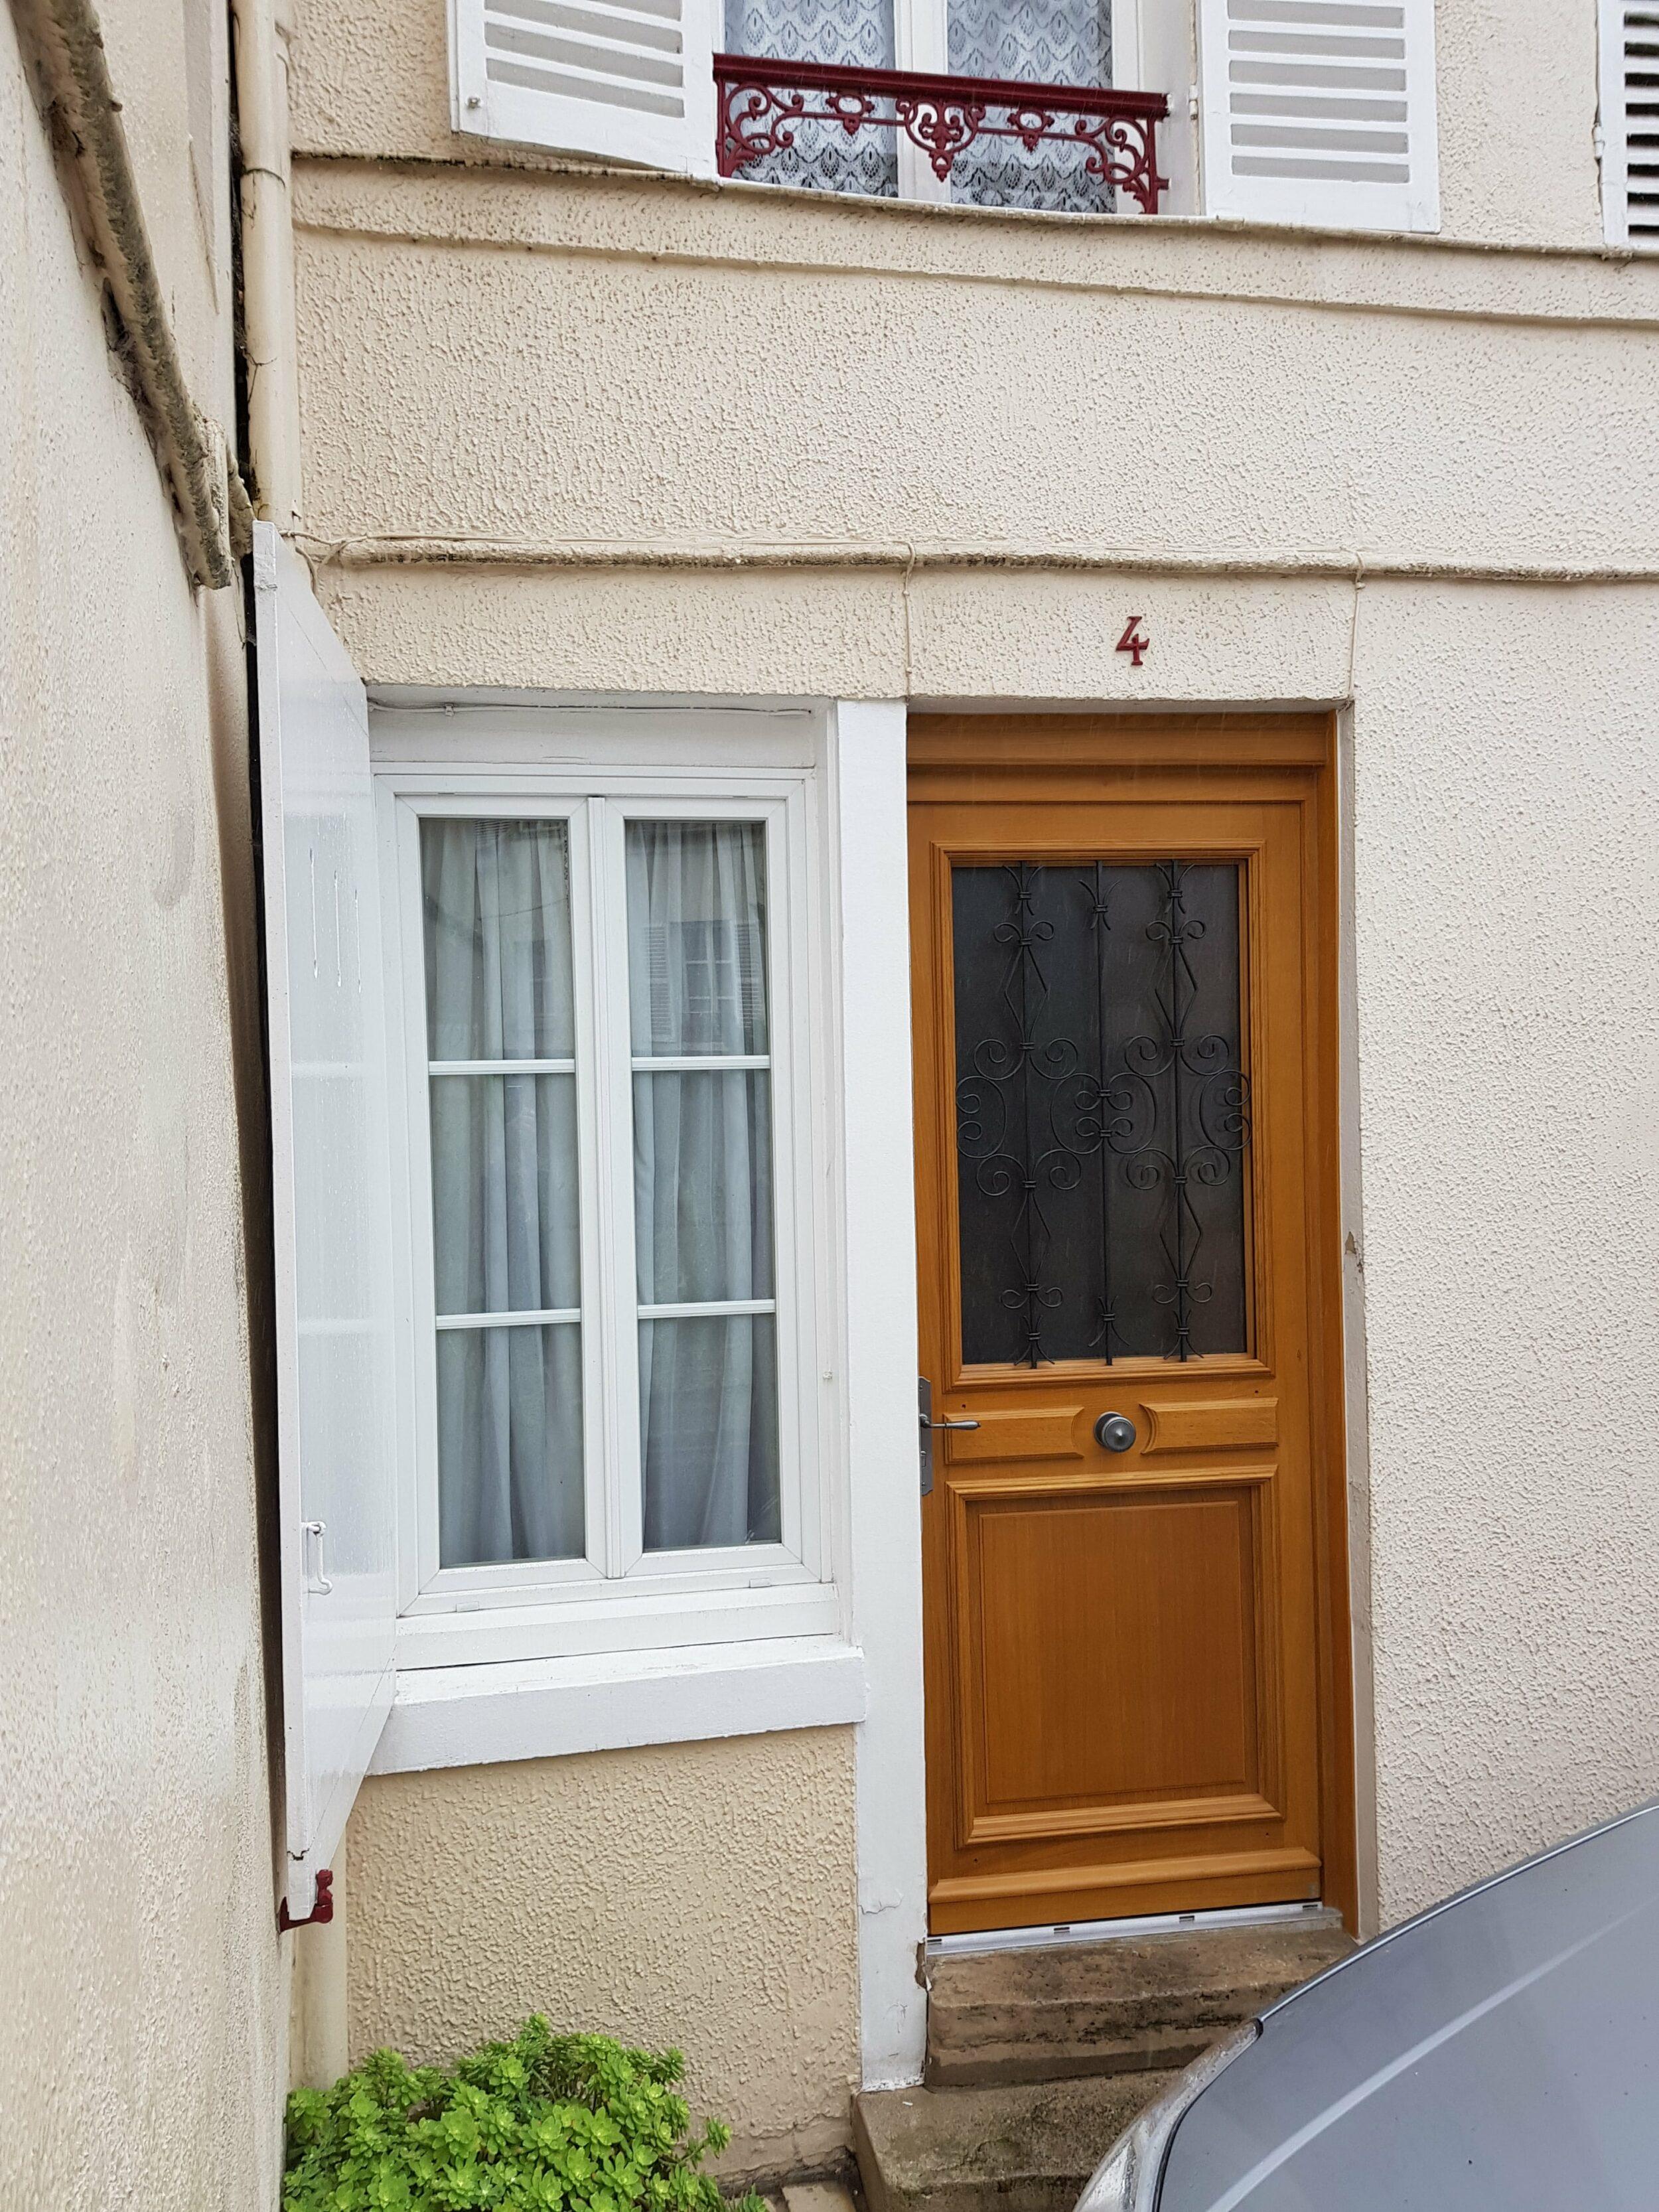 Déco D Entrée Maison porte-entree-bois-viroflay-deco-ouest-solabaie - solabaie